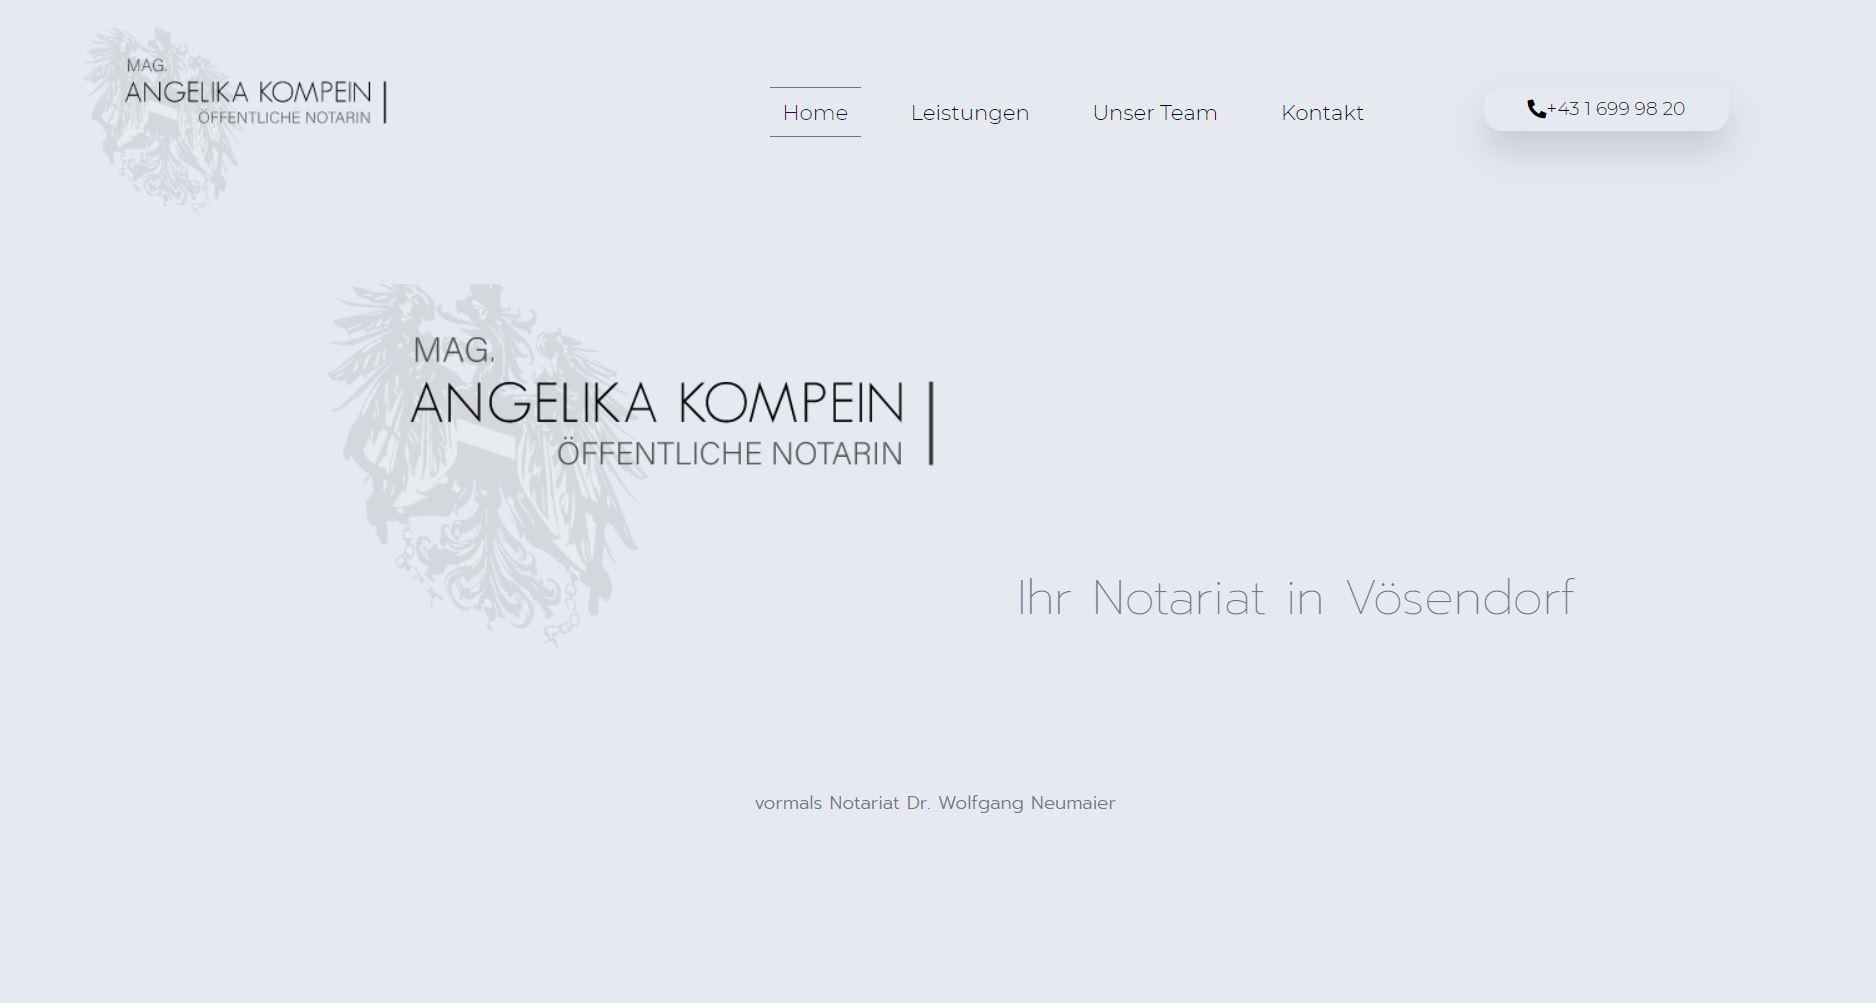 Notariatskanzlei Magister Angelika Kompein in Vösendorf bei Wien